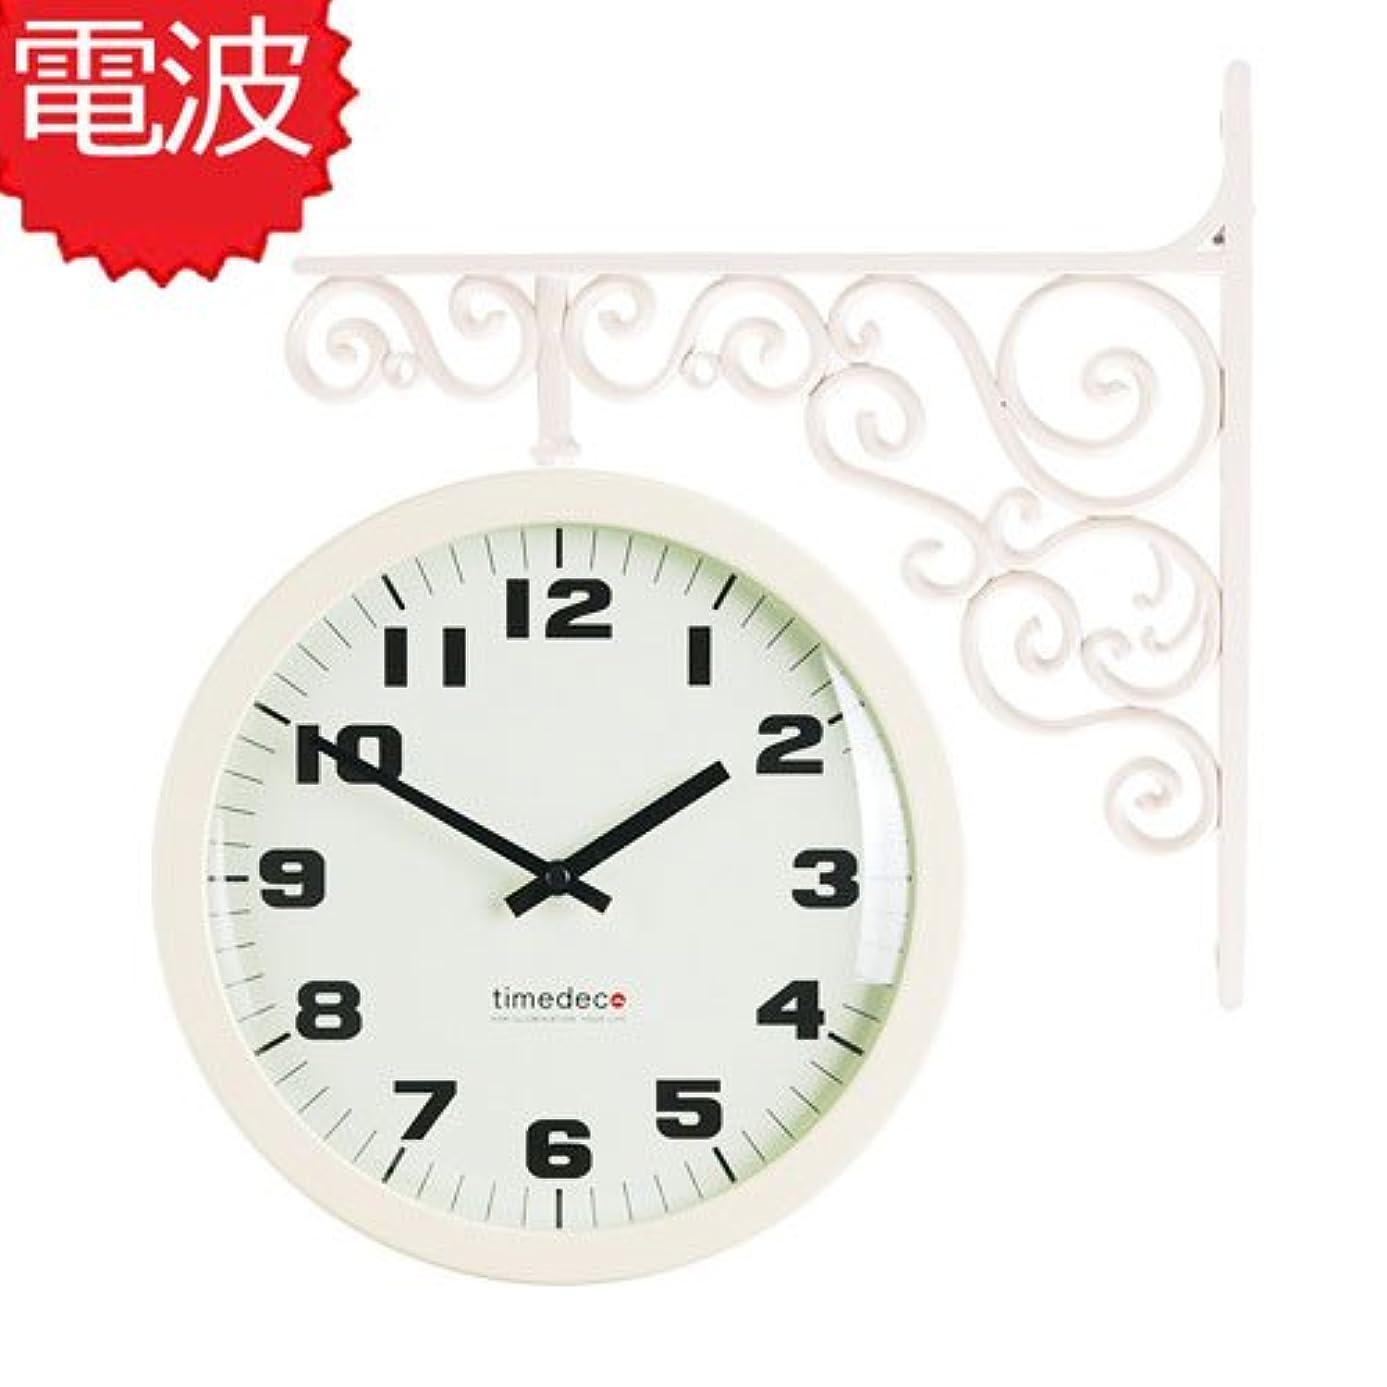 廊下クールペチュランス両面電波時計 両面時計 Classic Double Clock A(IV) おしゃれな 低騷音 インテリア 両面壁掛け時計 電波両面時計